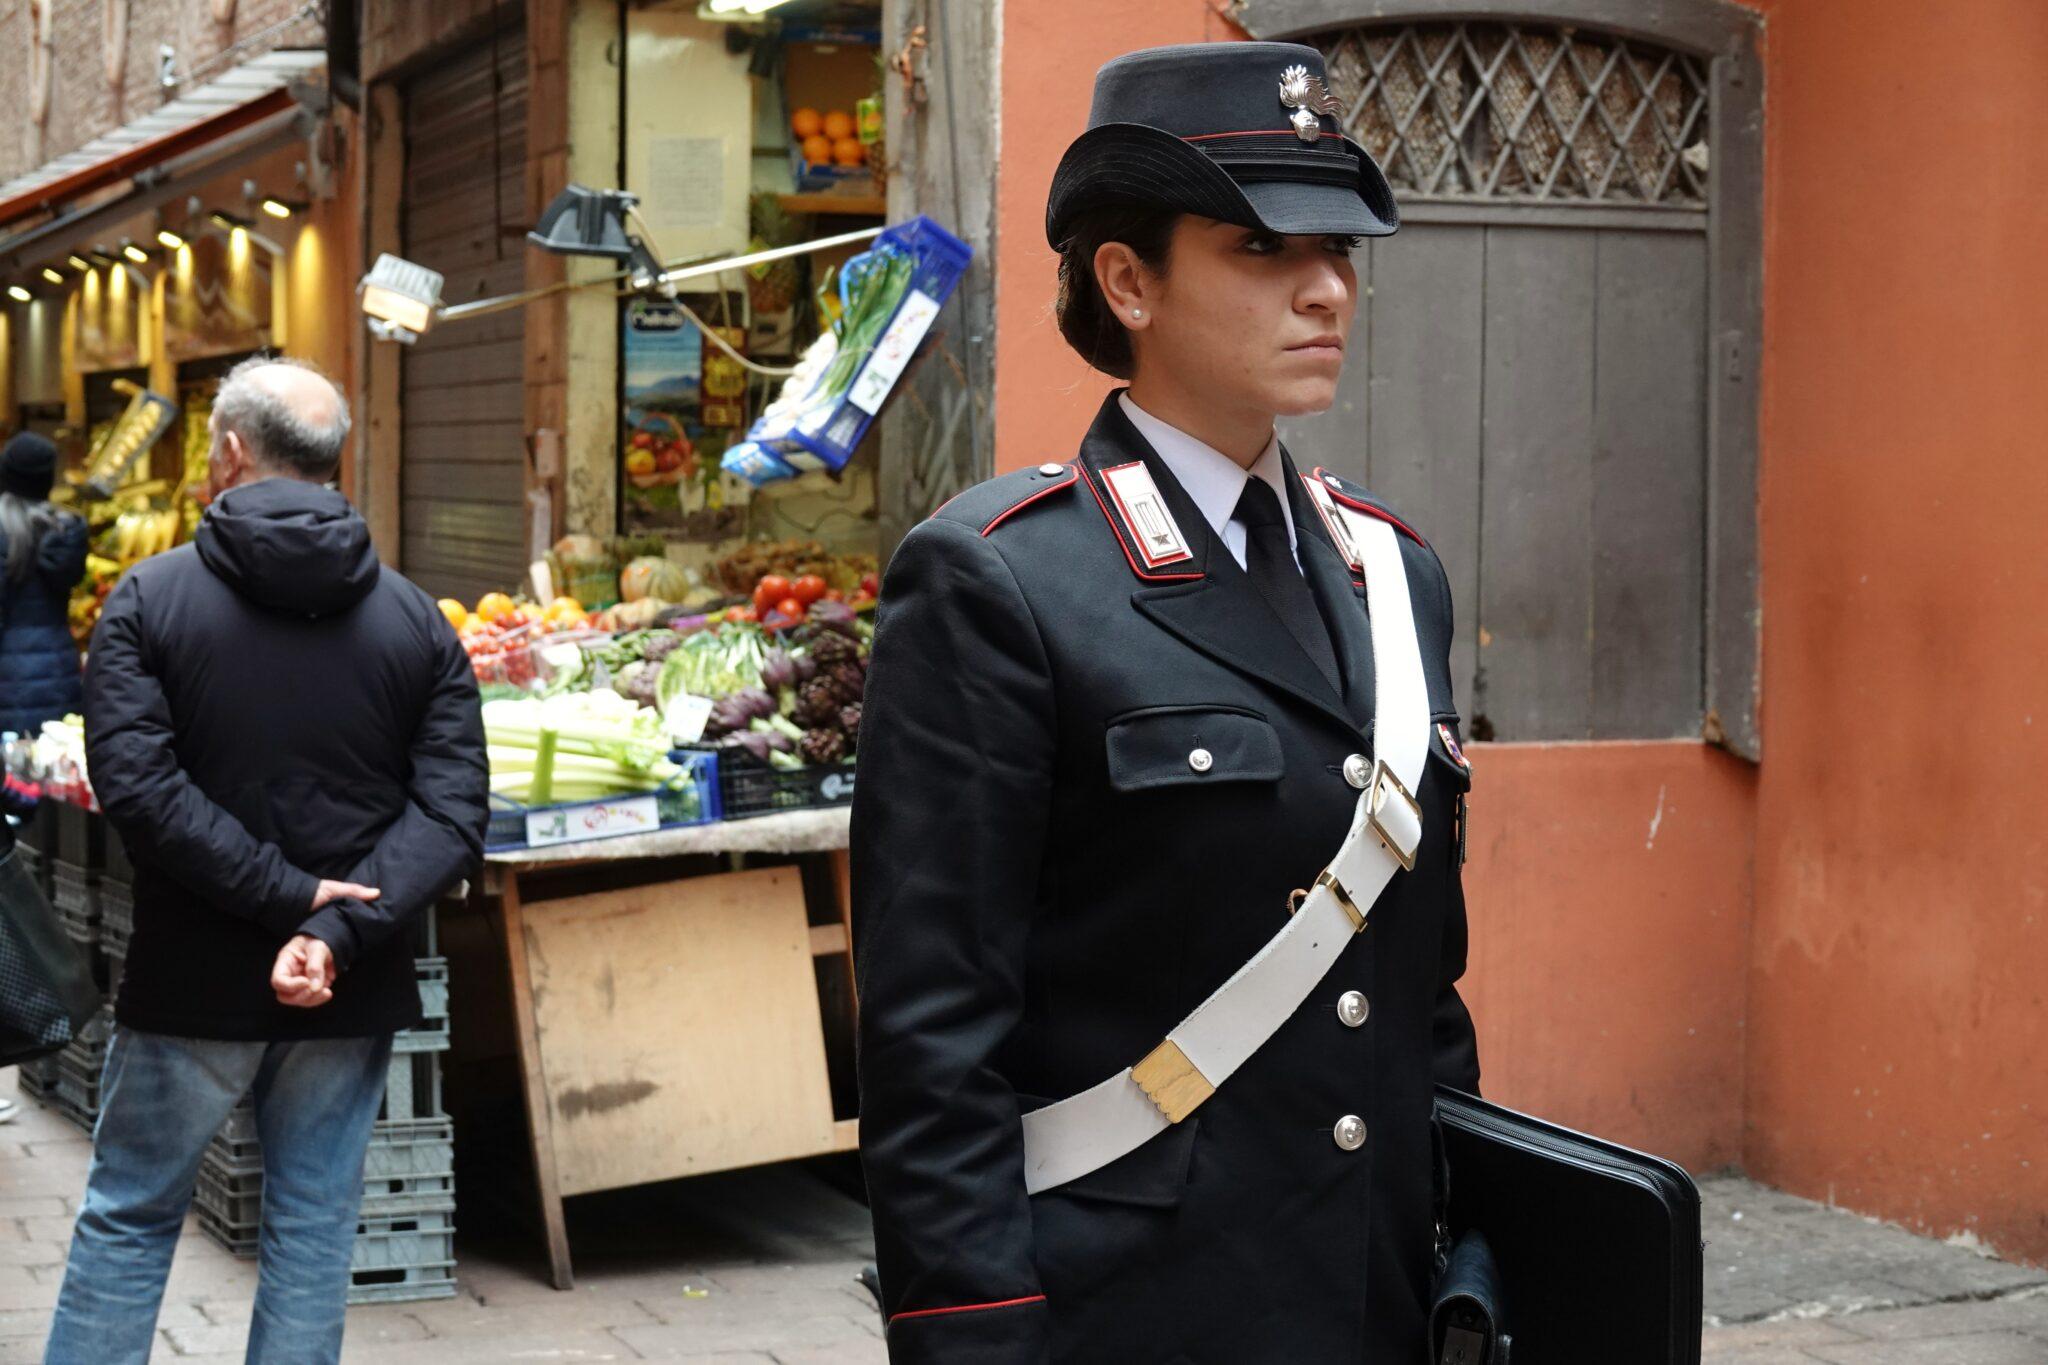 """""""Scampagnata fuori porta o partita a briscola in strada"""": sono alcuni dei casi di inottemperanza al DPCM #iorestoacasa segnalati dai carabinieri"""